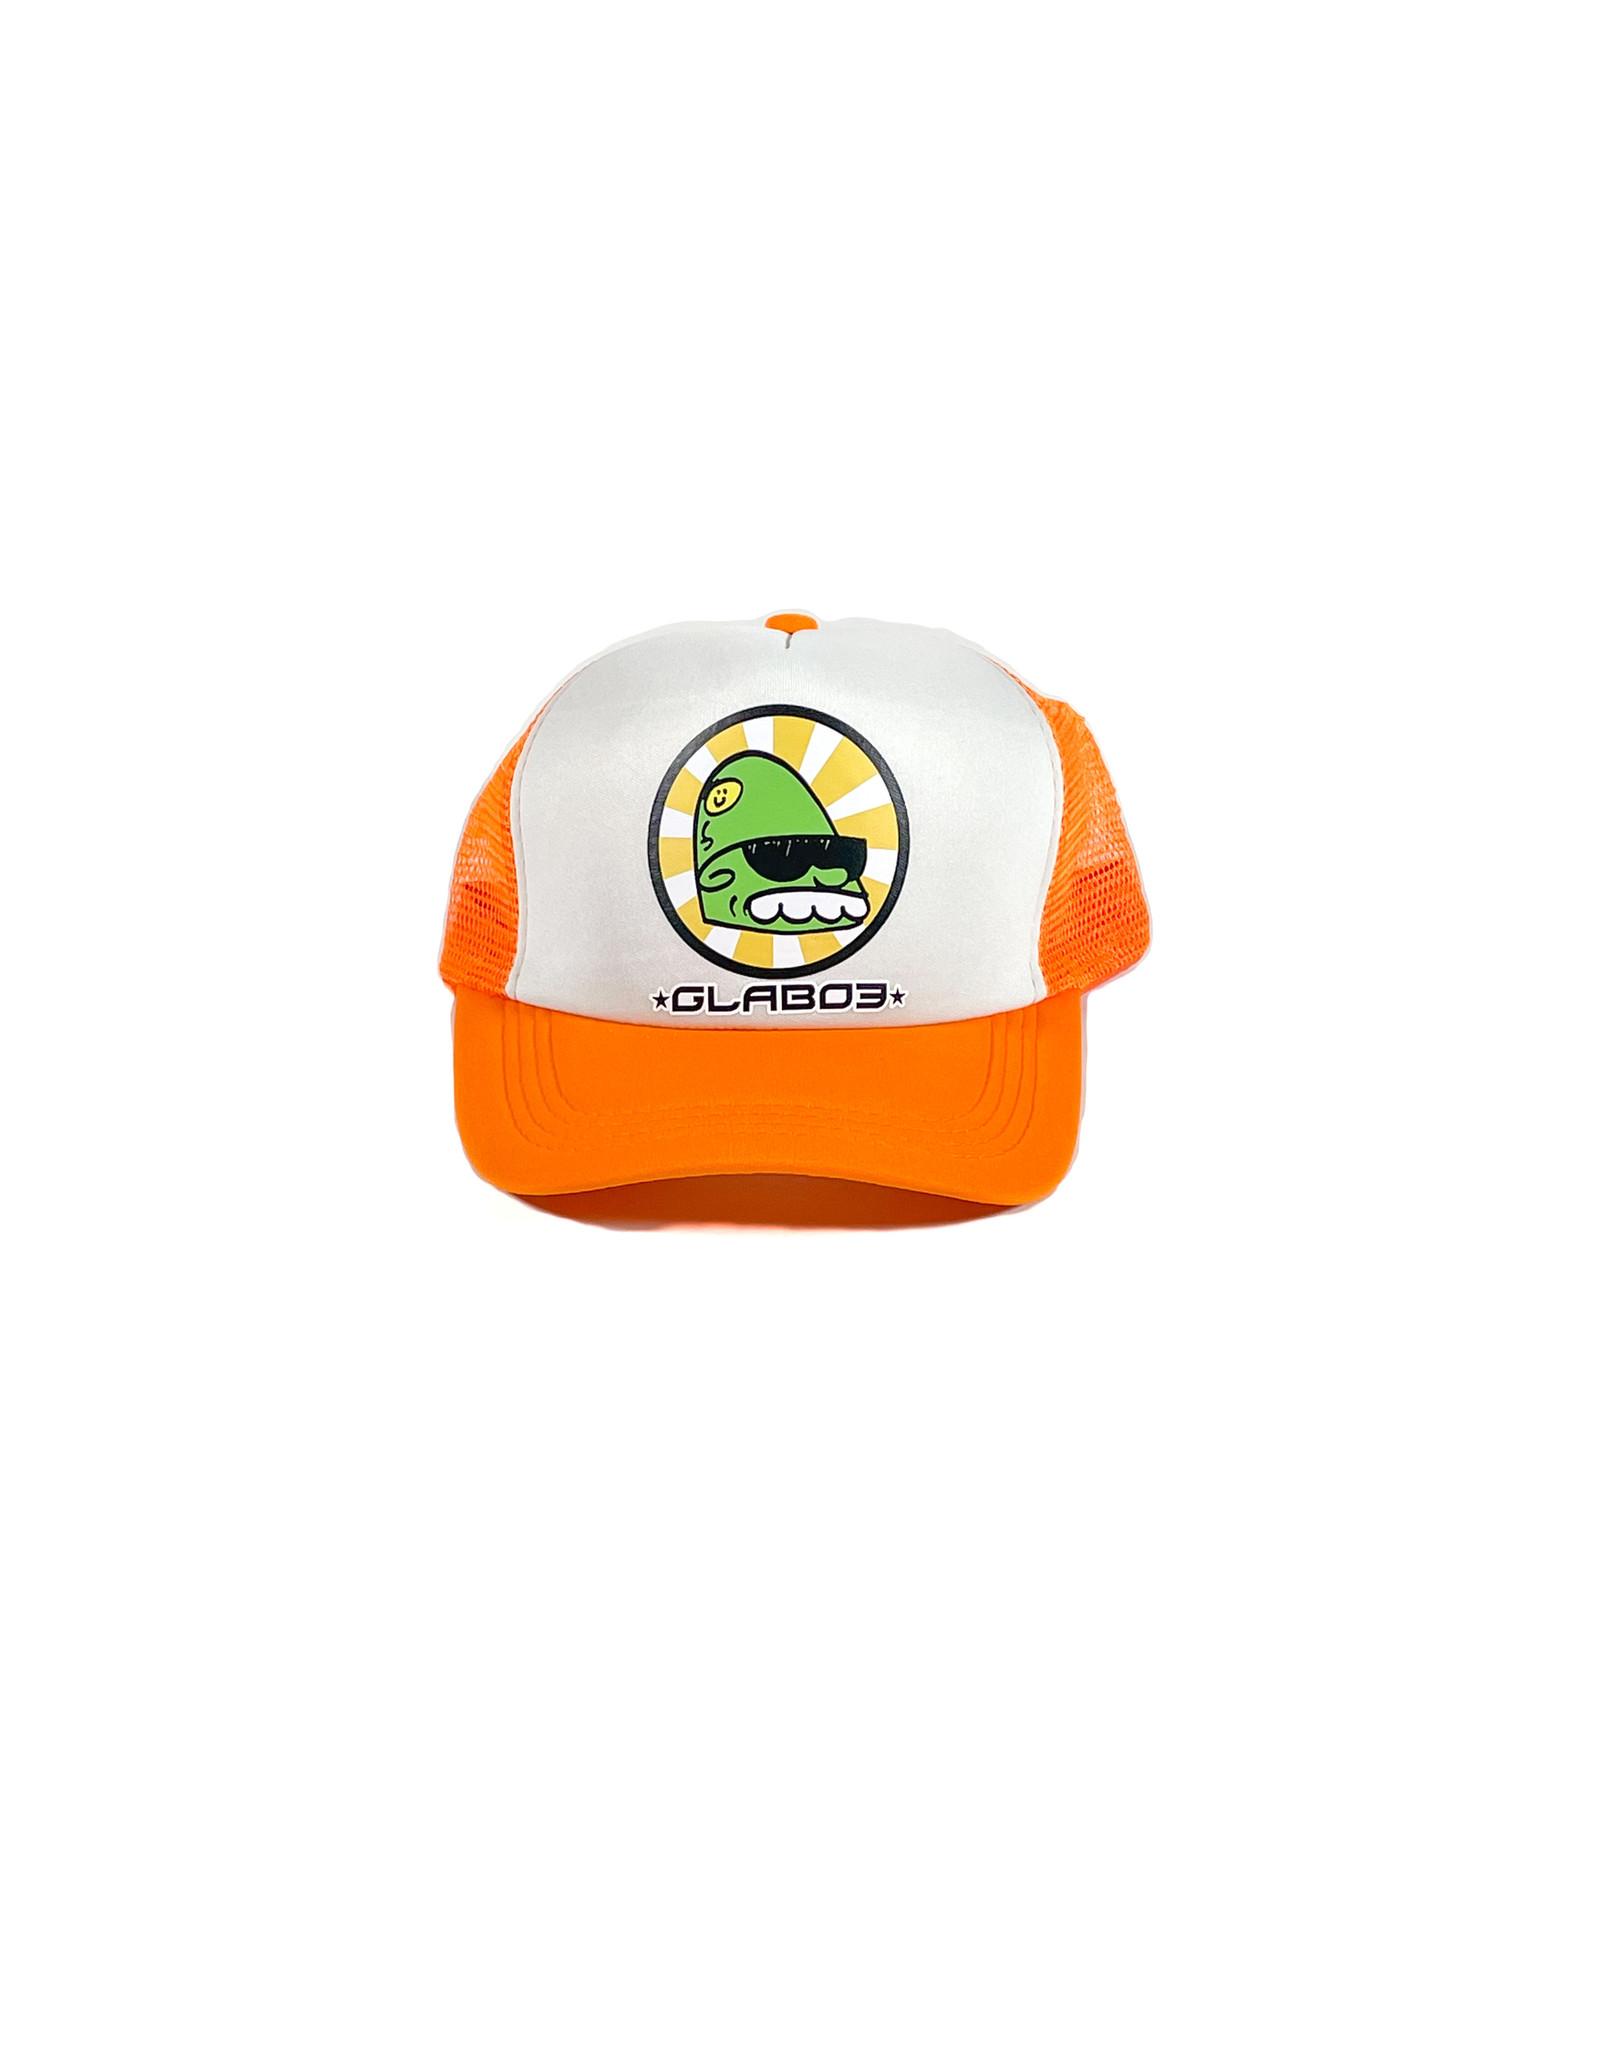 GLABOE GLABOE FOREAL HAT - ORANGE